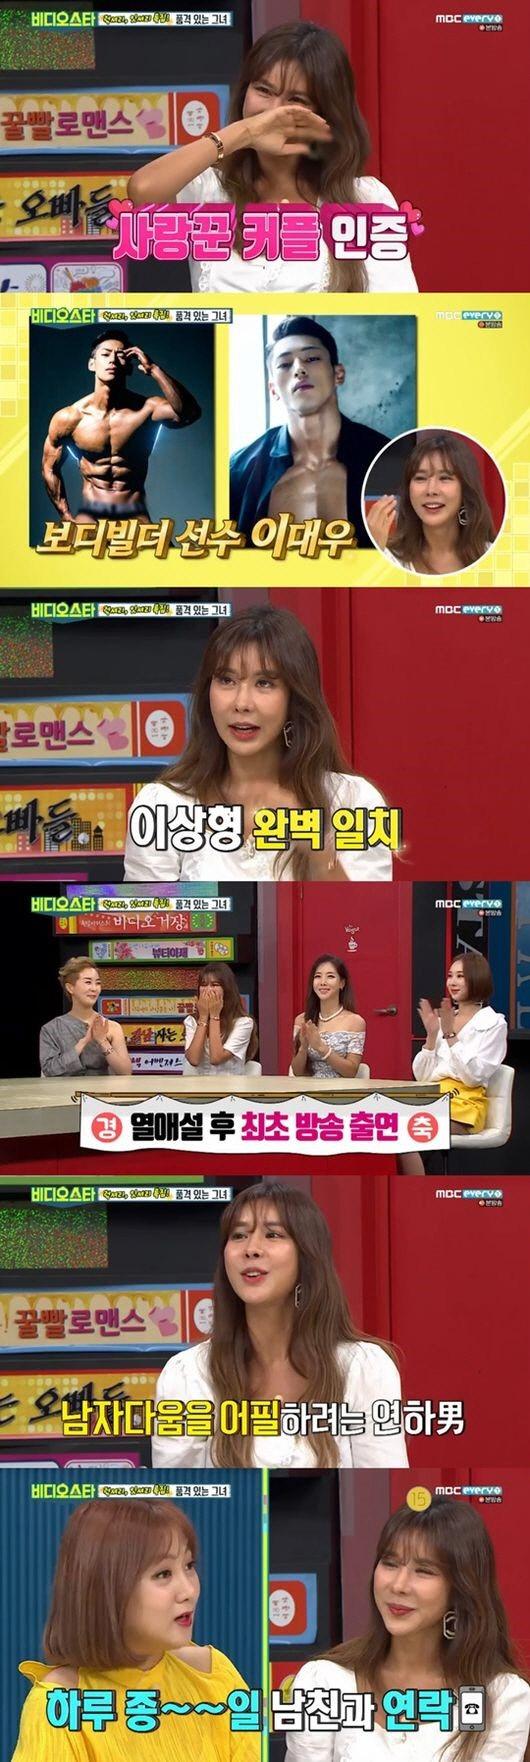 """[간밤TV] '비디오스타' 김준희, 16세 연하 남친에 """"점수는 98점""""…왜?"""